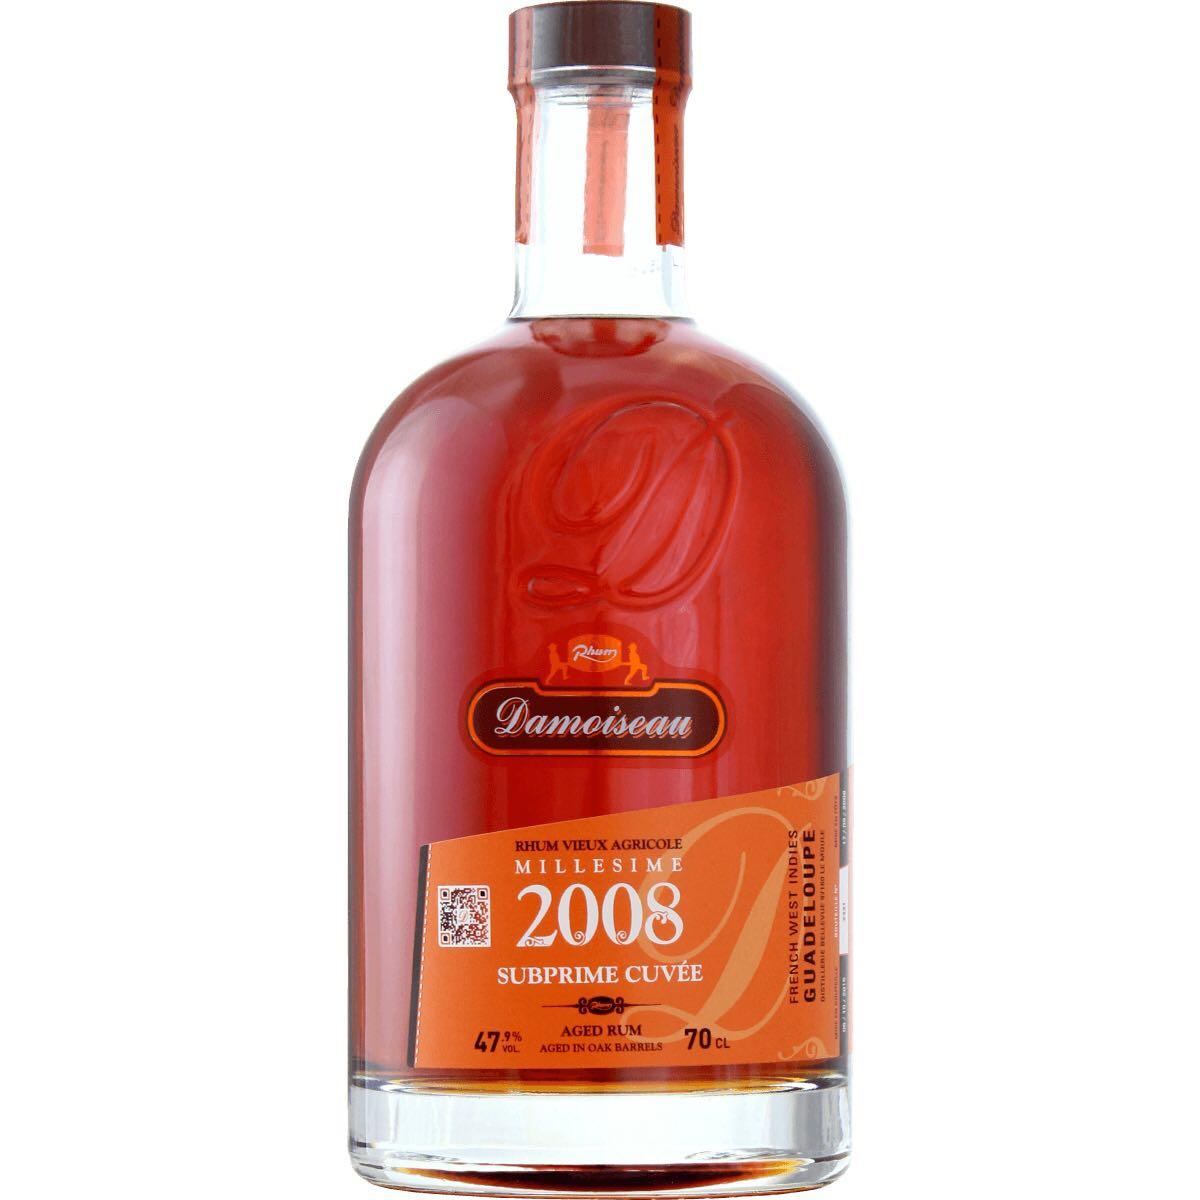 Bottle image of Subprime Cuvée